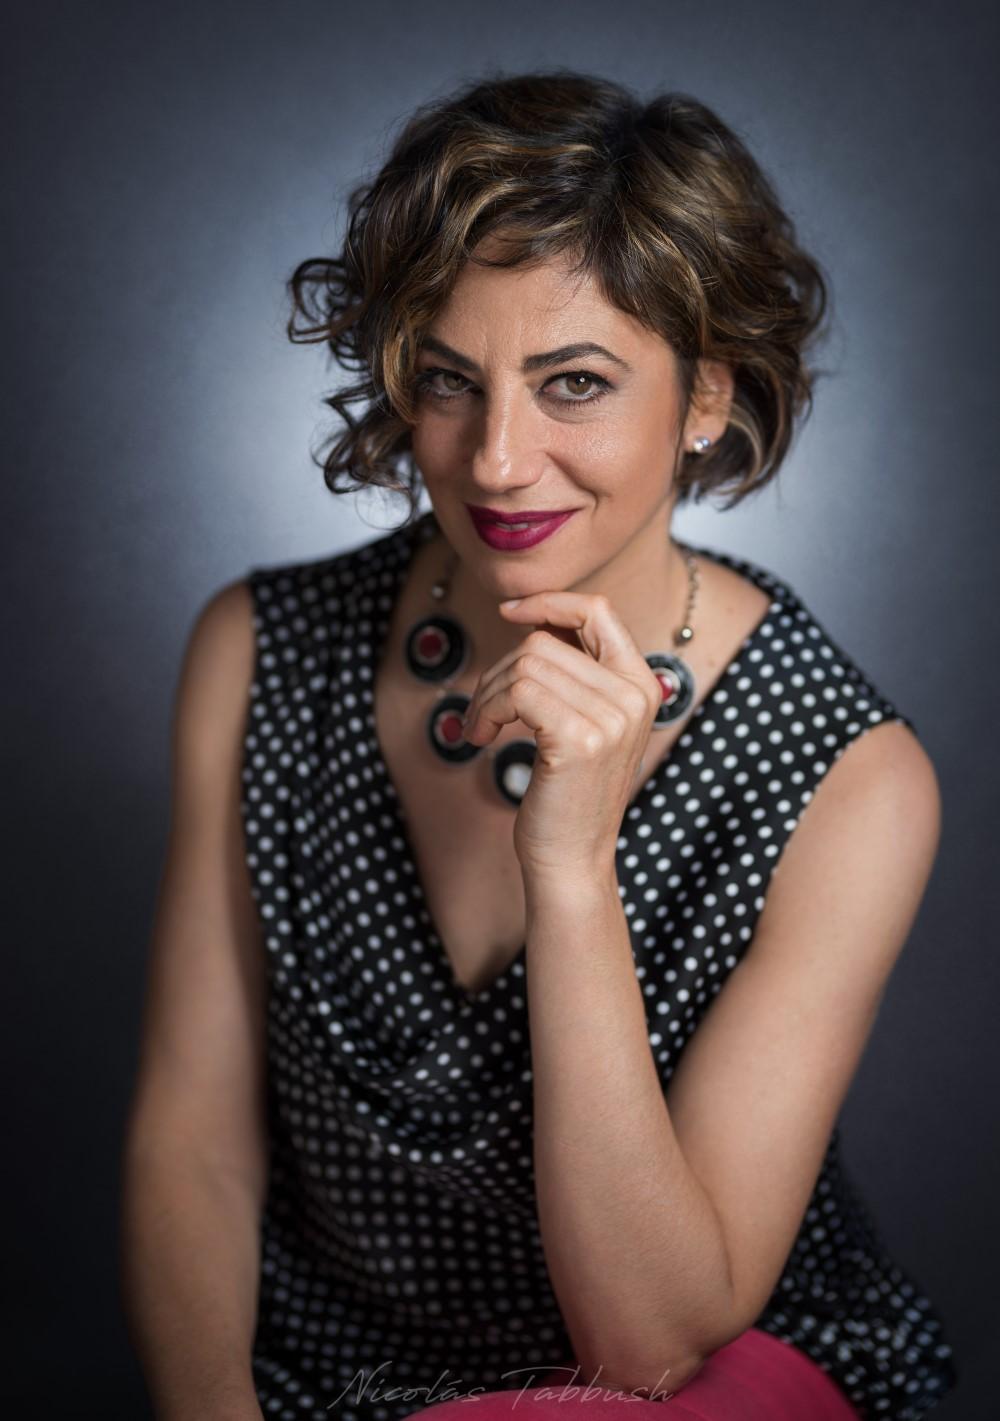 Nora Tabbush